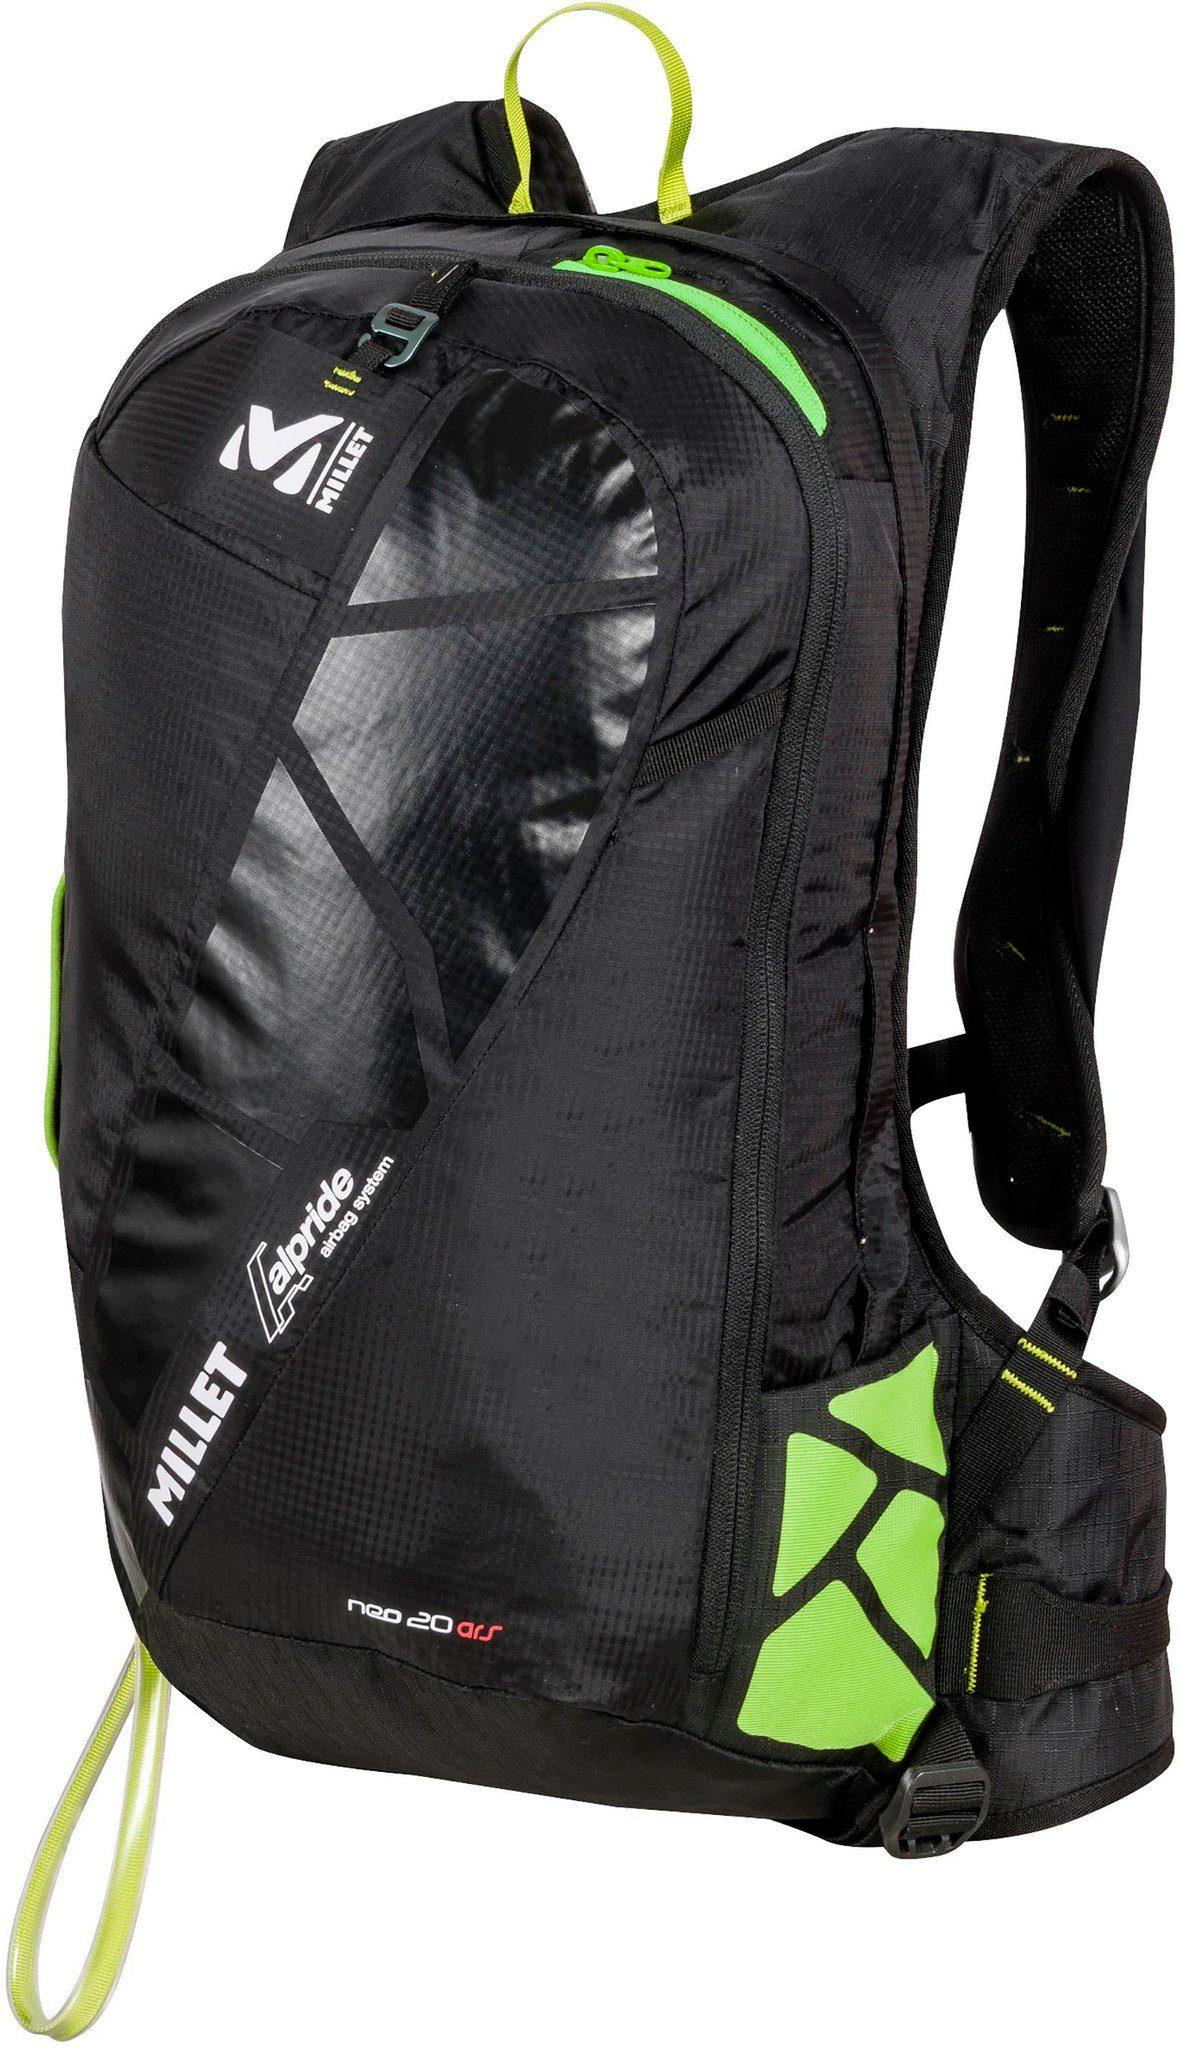 Millet Lawinenrucksack »Millet Neo 20 ARS Backpack«